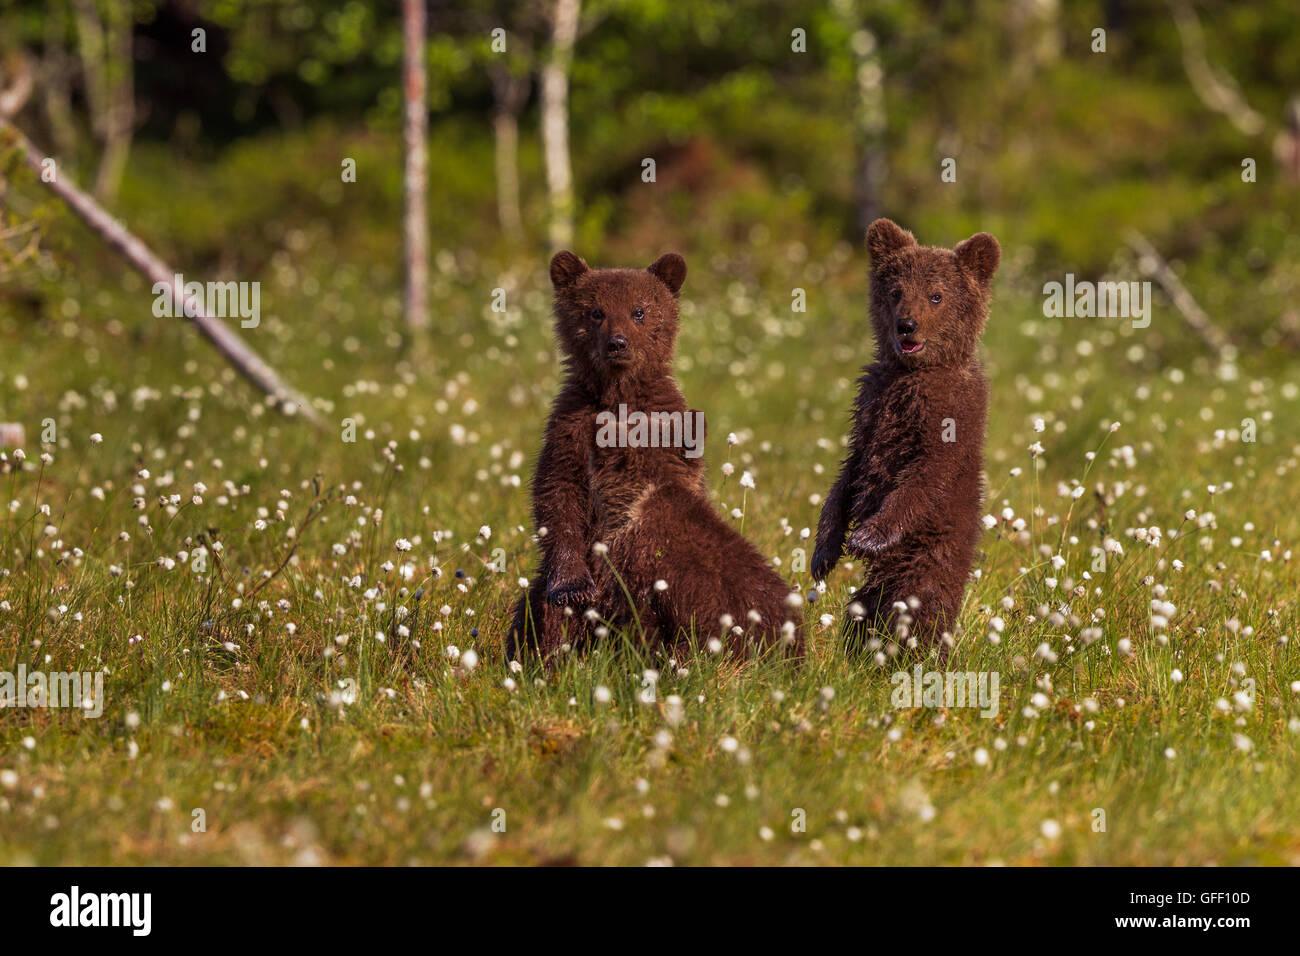 Tre orso bruno cubs in un campo di cotone di erba, Finlandia. Immagini Stock